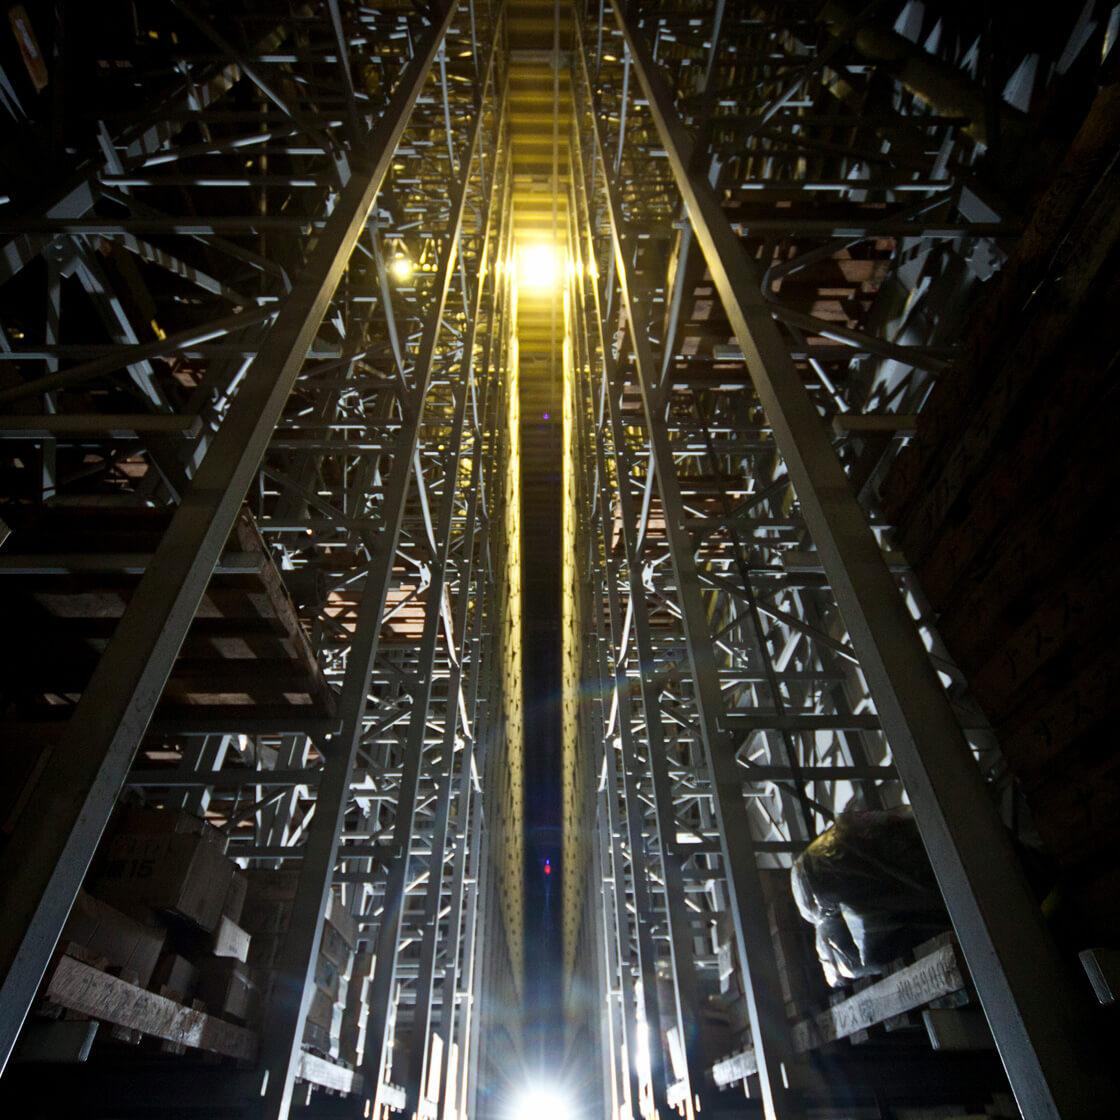 光が射している自動倉庫内の様子